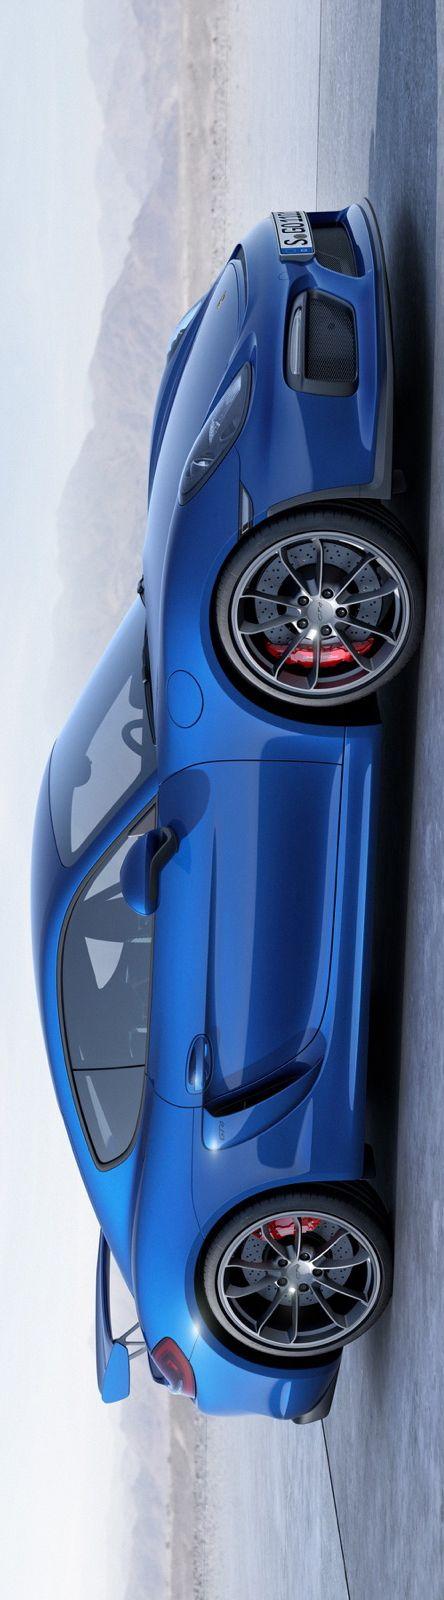 Porsche Cayman GT4 ...repinned für Gewinner! - jetzt gratis Erfolgsratgeber sichern www.ratsucher.de